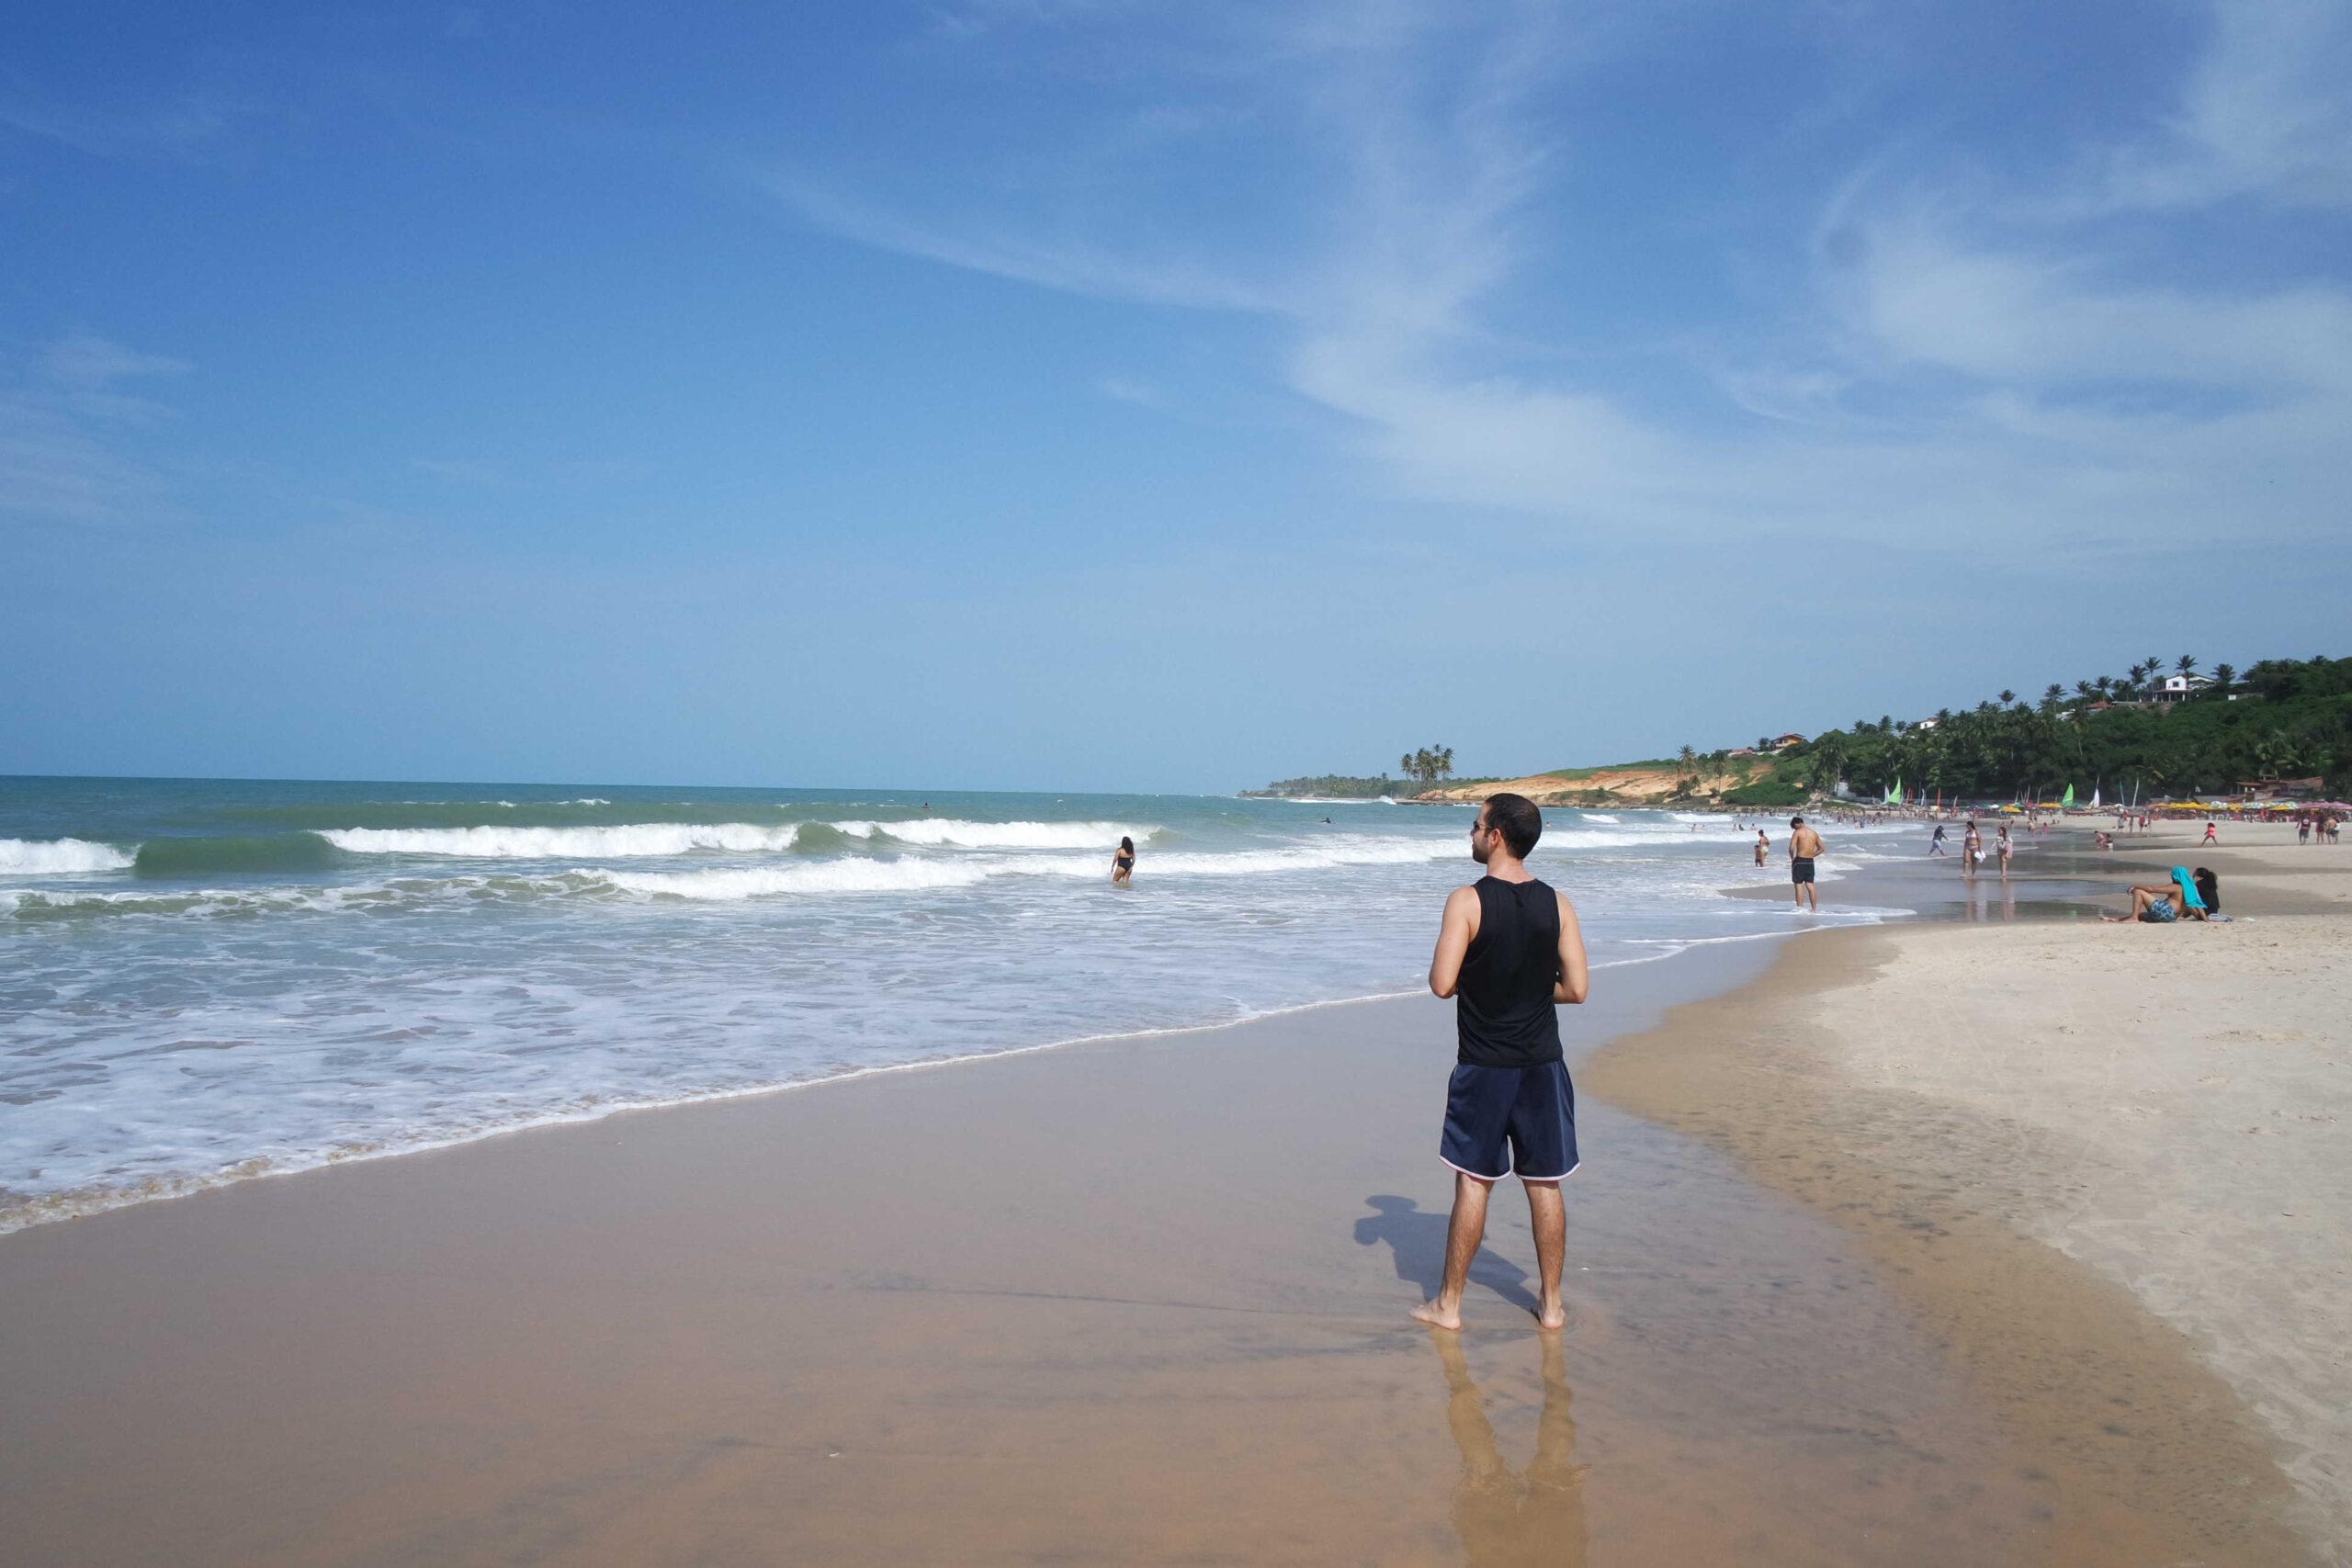 Arredores de Fortaleza: Praia de Cumbuco + Lagoa do Banana